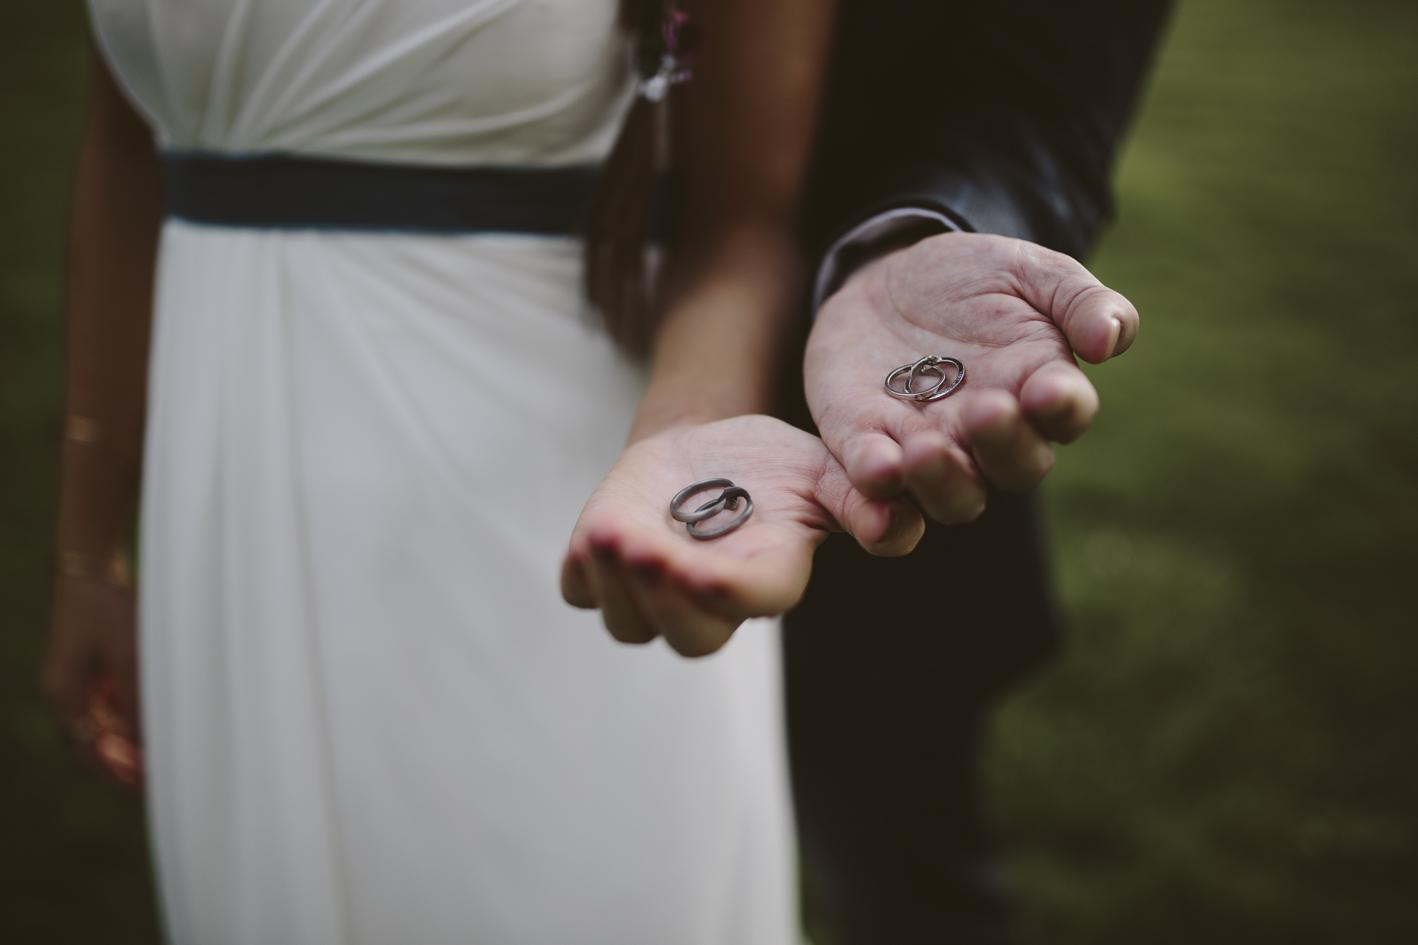 Wedding photographer Ireland Graciela Vilagudin 855.jpg